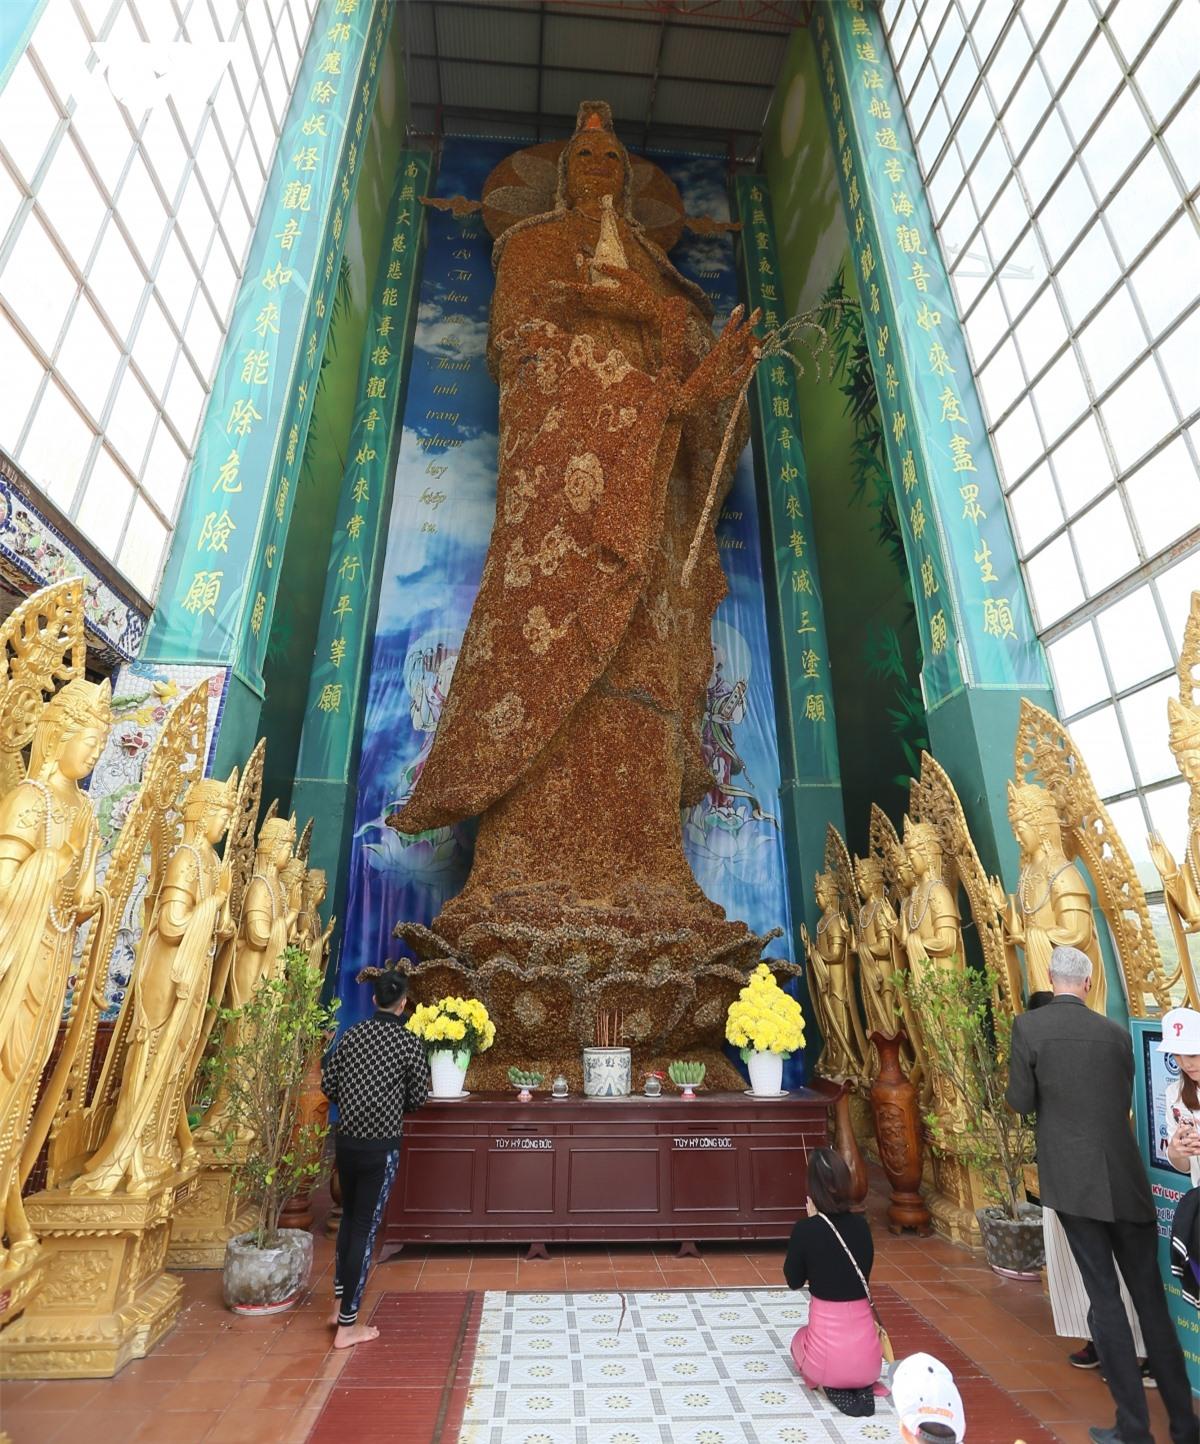 Cực độc đáo: Lạ mắt ngôi chùa bằng ve chai độc nhất vô nhị nắm giữ nhiều kỷ lục tại Lâm Đồng - Ảnh 13.